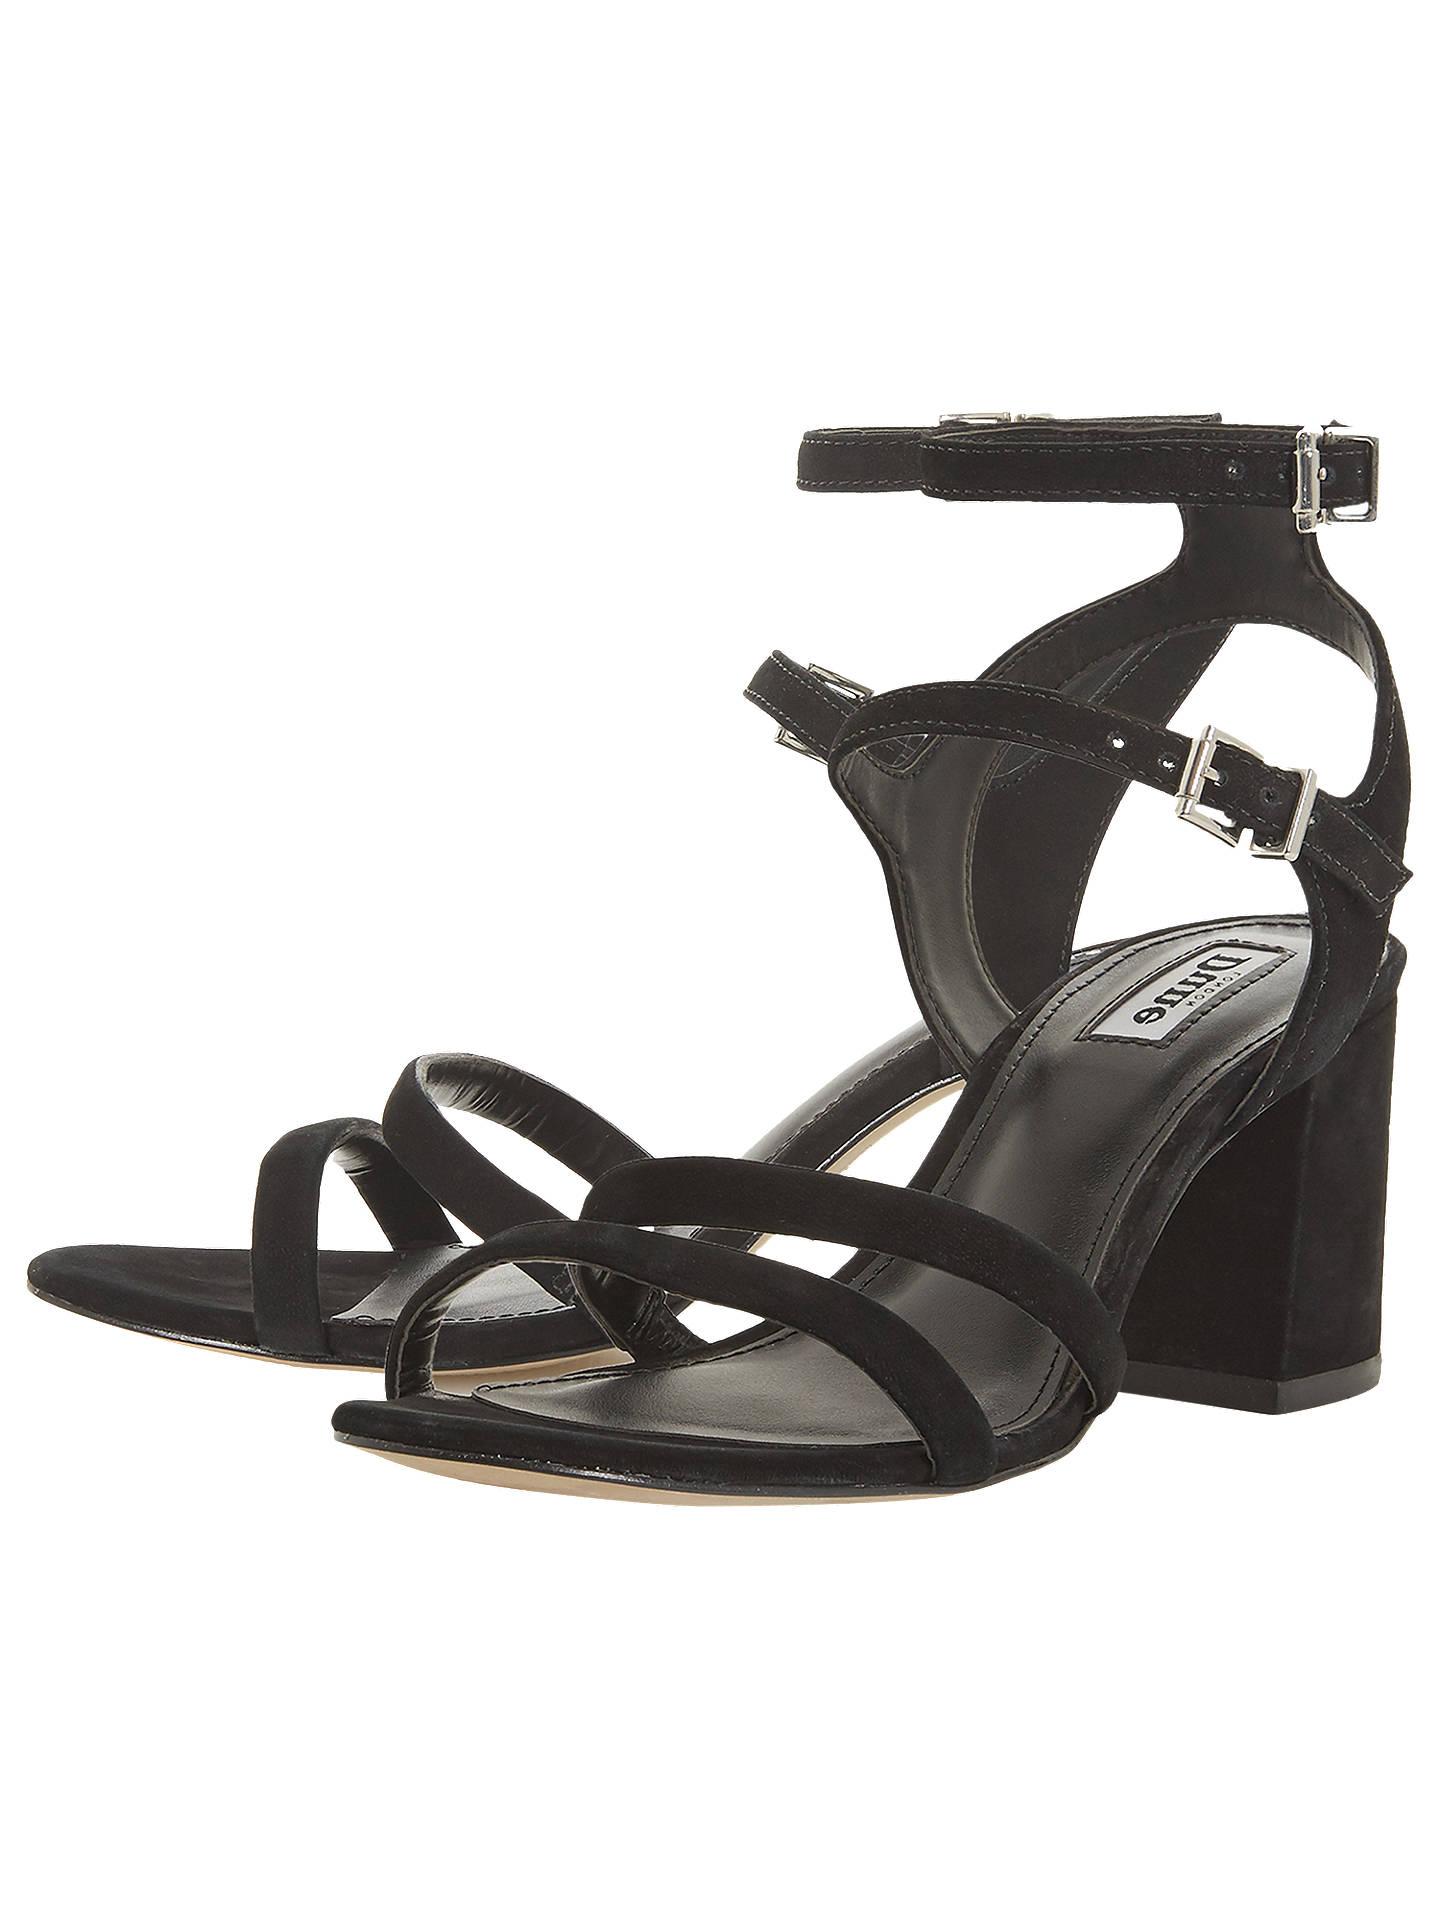 1ff989ef09 ... Buy Dune Magner Block Heel Sandals, Black Leather, 3 Online at  johnlewis.com ...